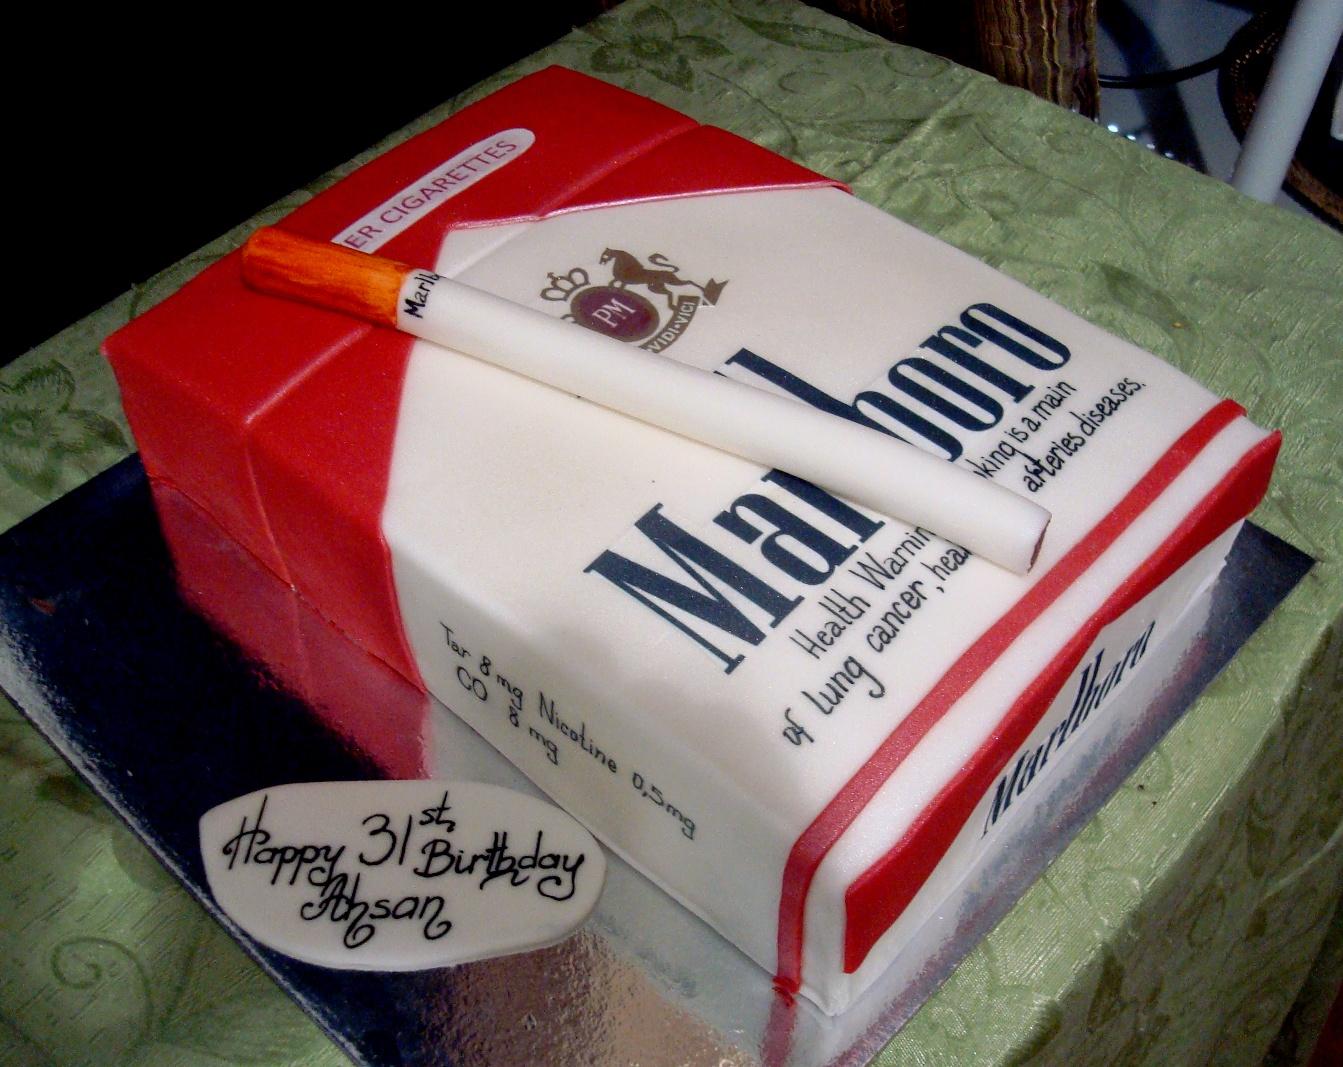 https://www.snackncake.com/postpic/2017/06/marlboro-cigarette-cake_600361.jpg